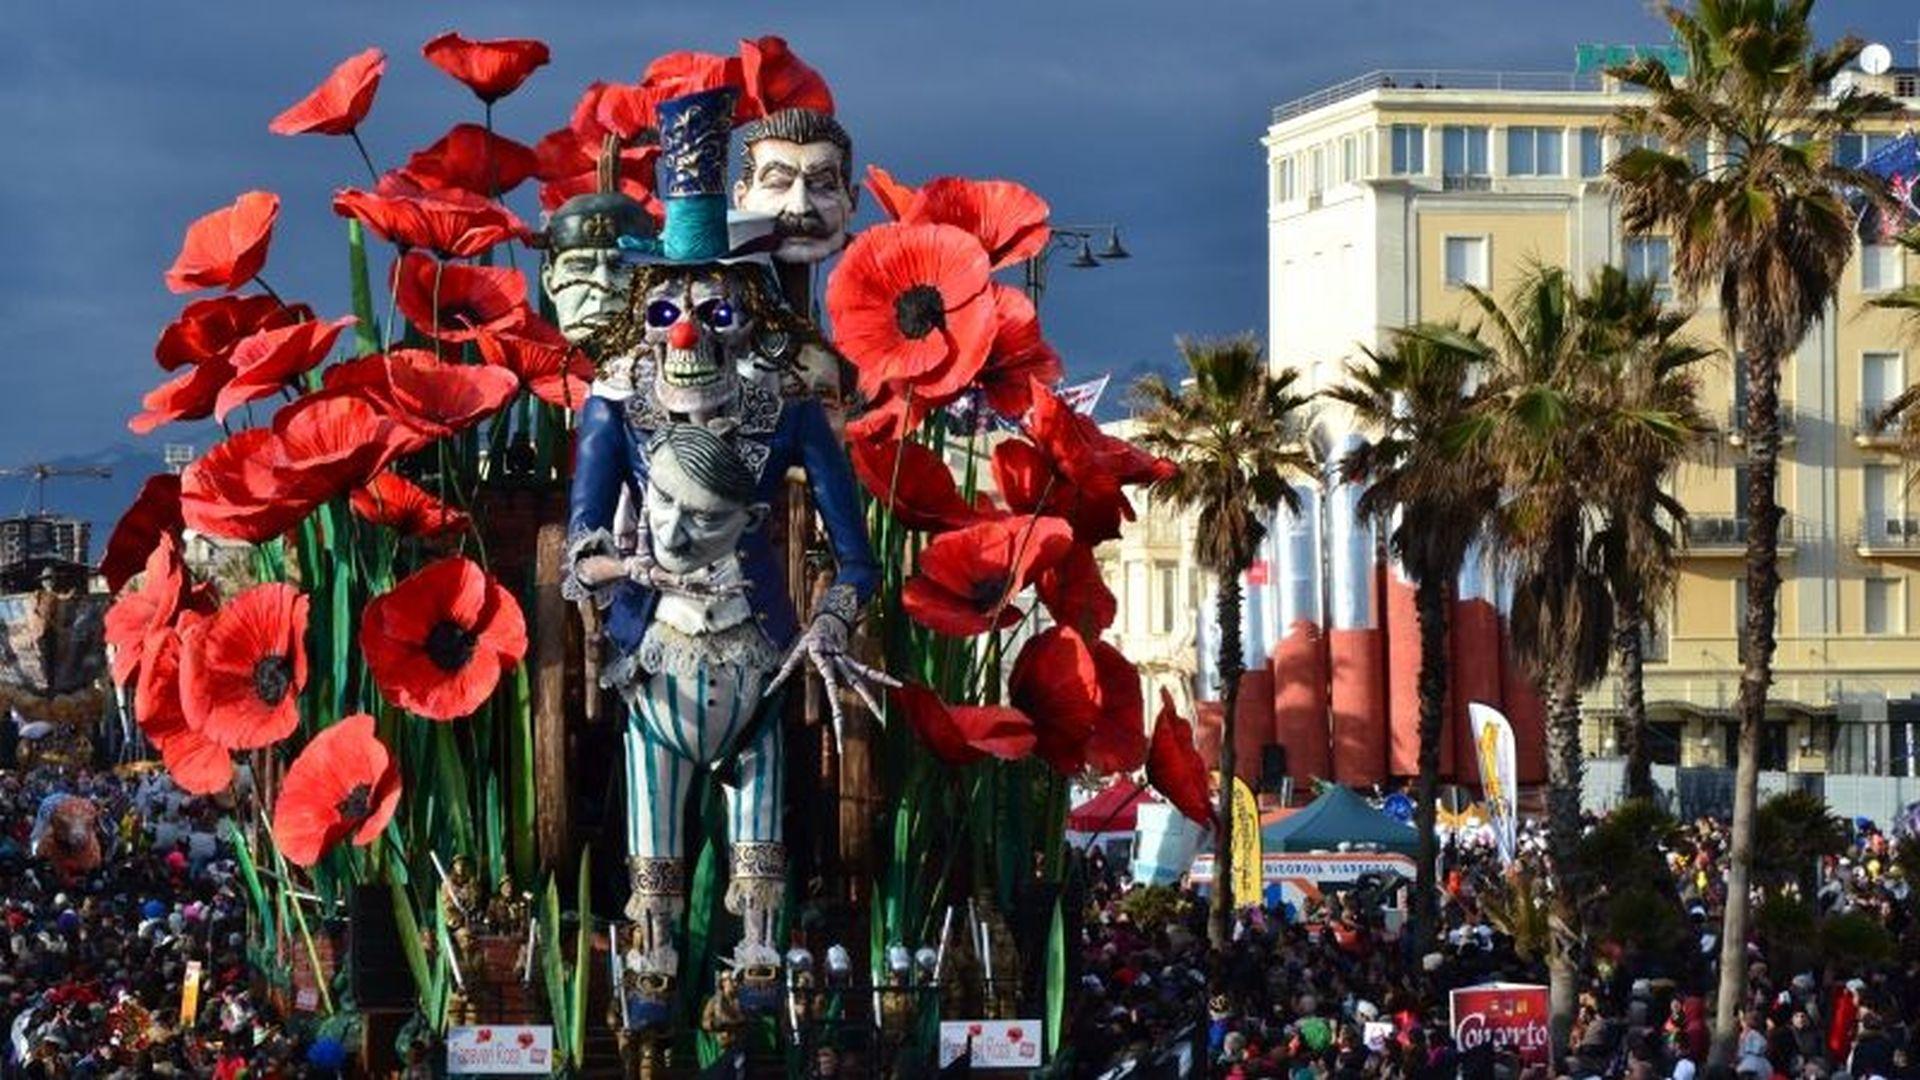 Carnevale di Viareggio, sflata dei carri lungomare